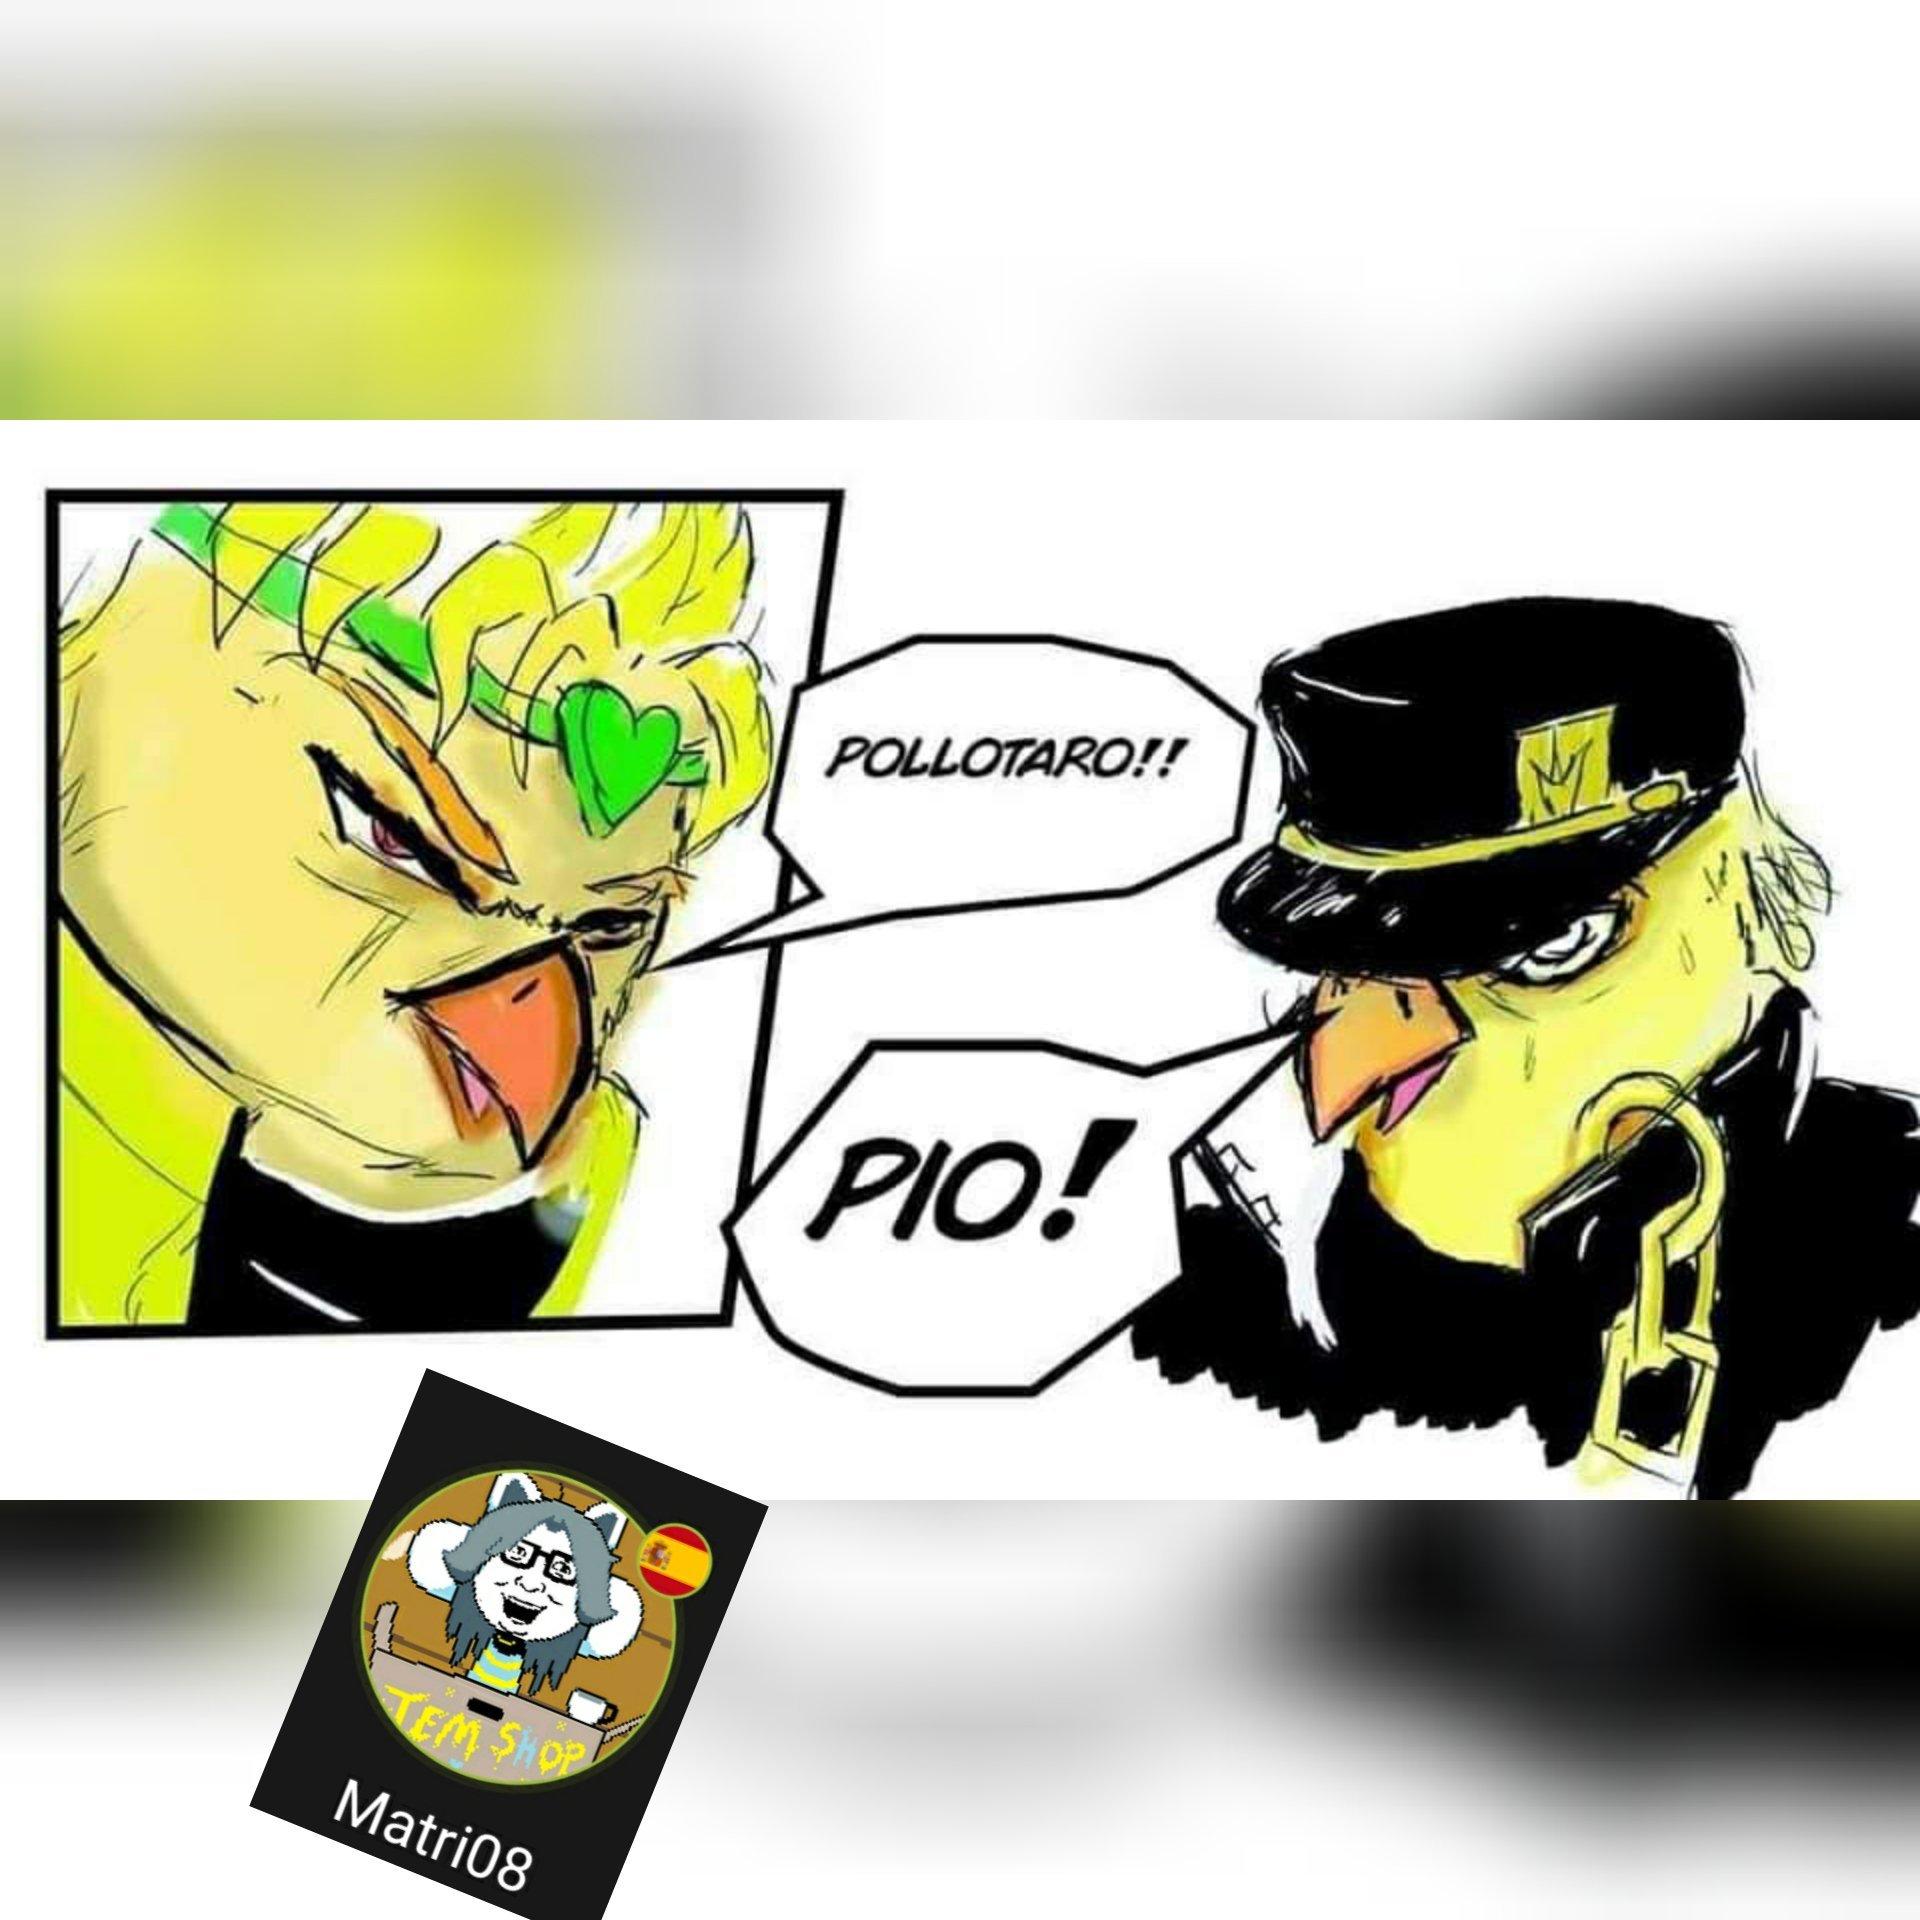 Jojo's pollito adventure - meme